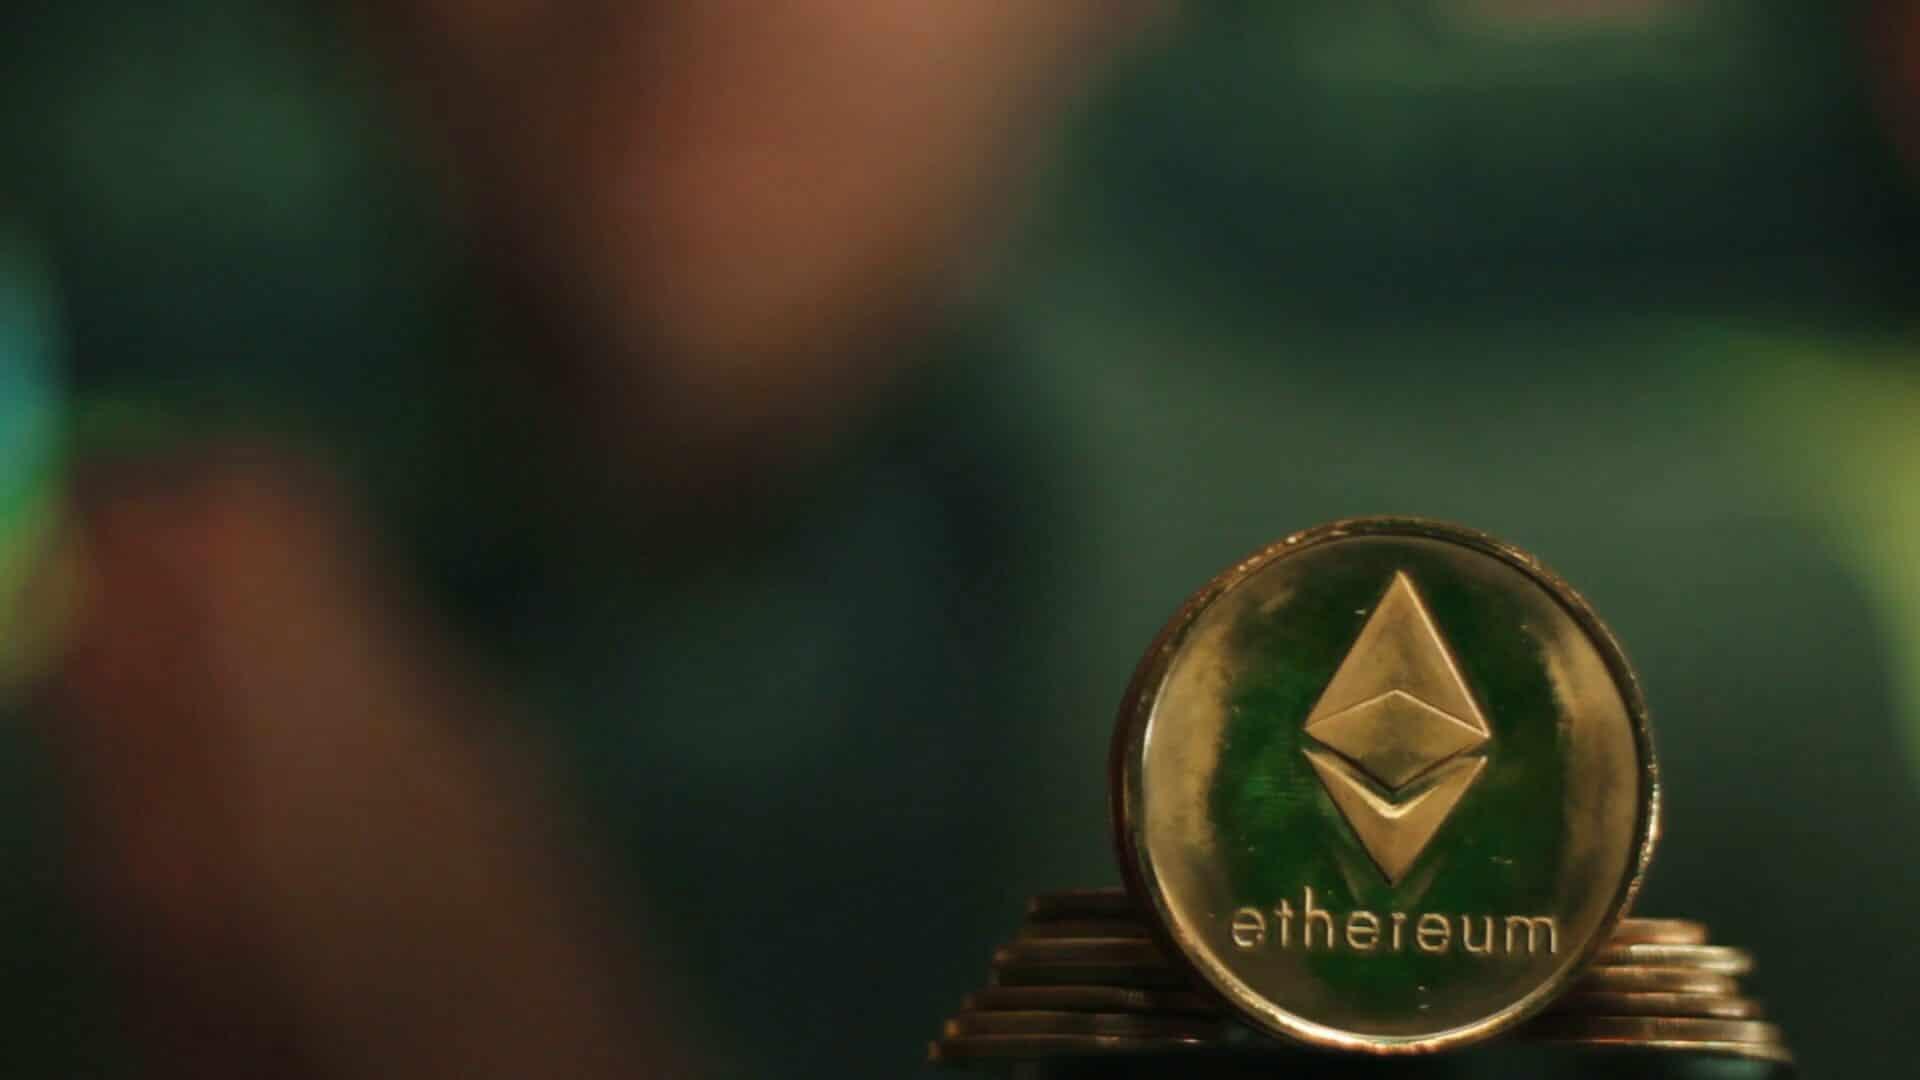 akzeptiere die Zahlungen von ethereum